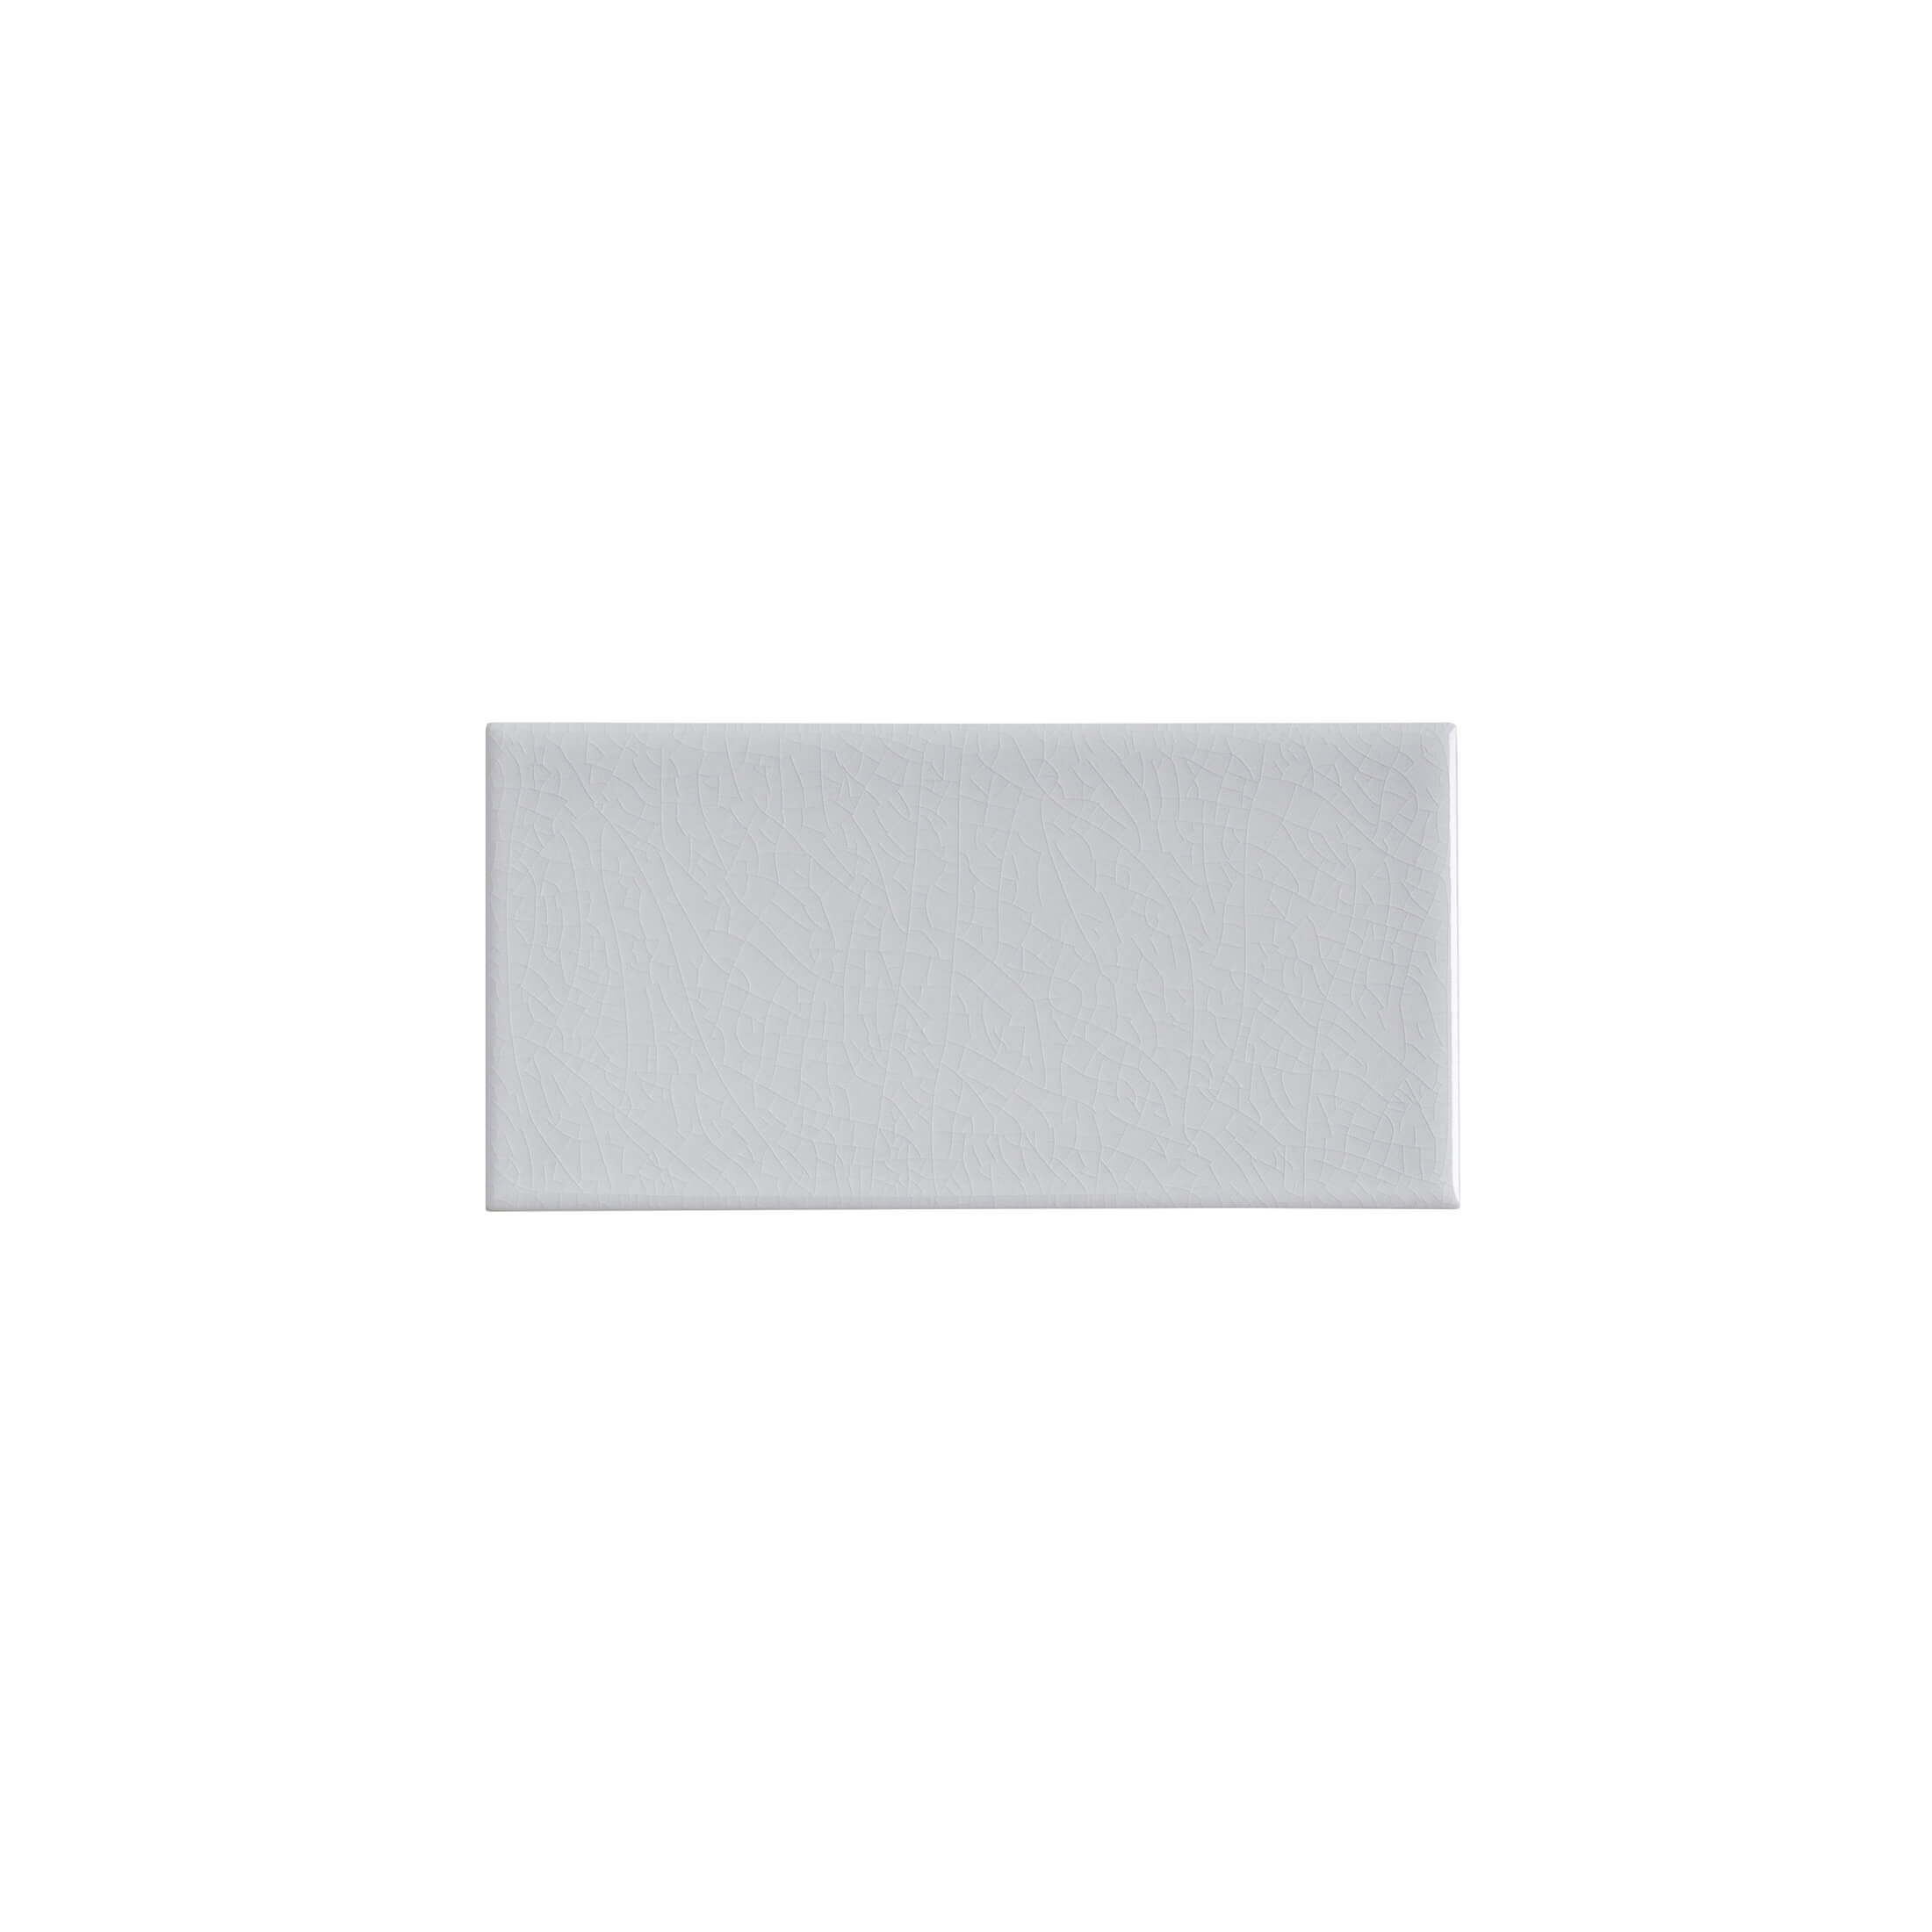 ADMO1081 - LISO PB C/C - 7.5 cm X 15 cm